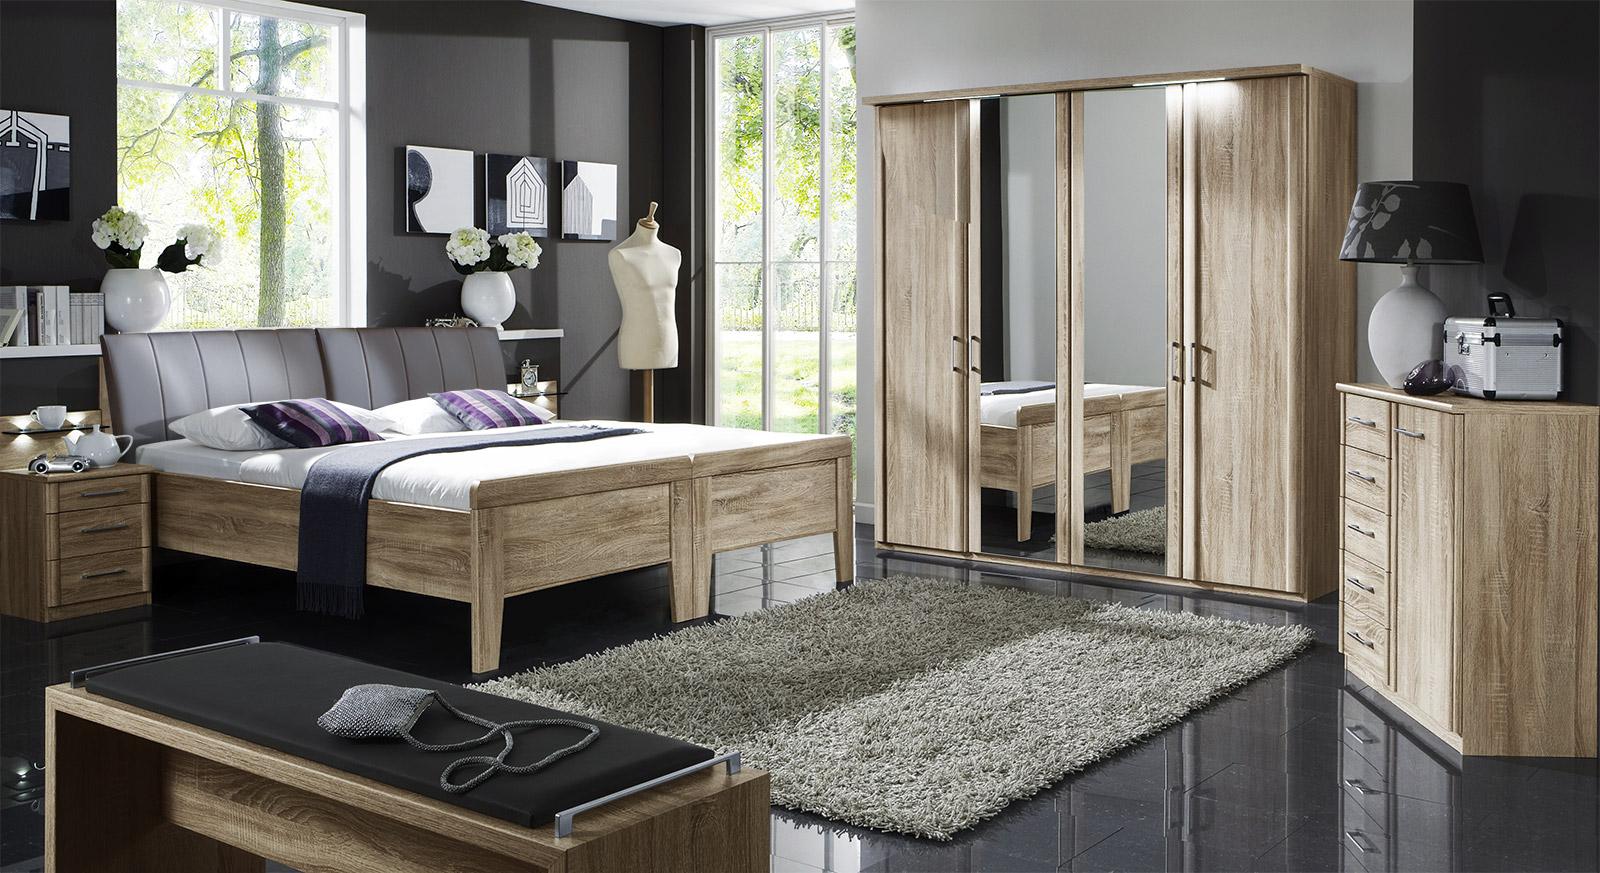 Komplett Schlafzimmer Runcorn mit passenden Produkten